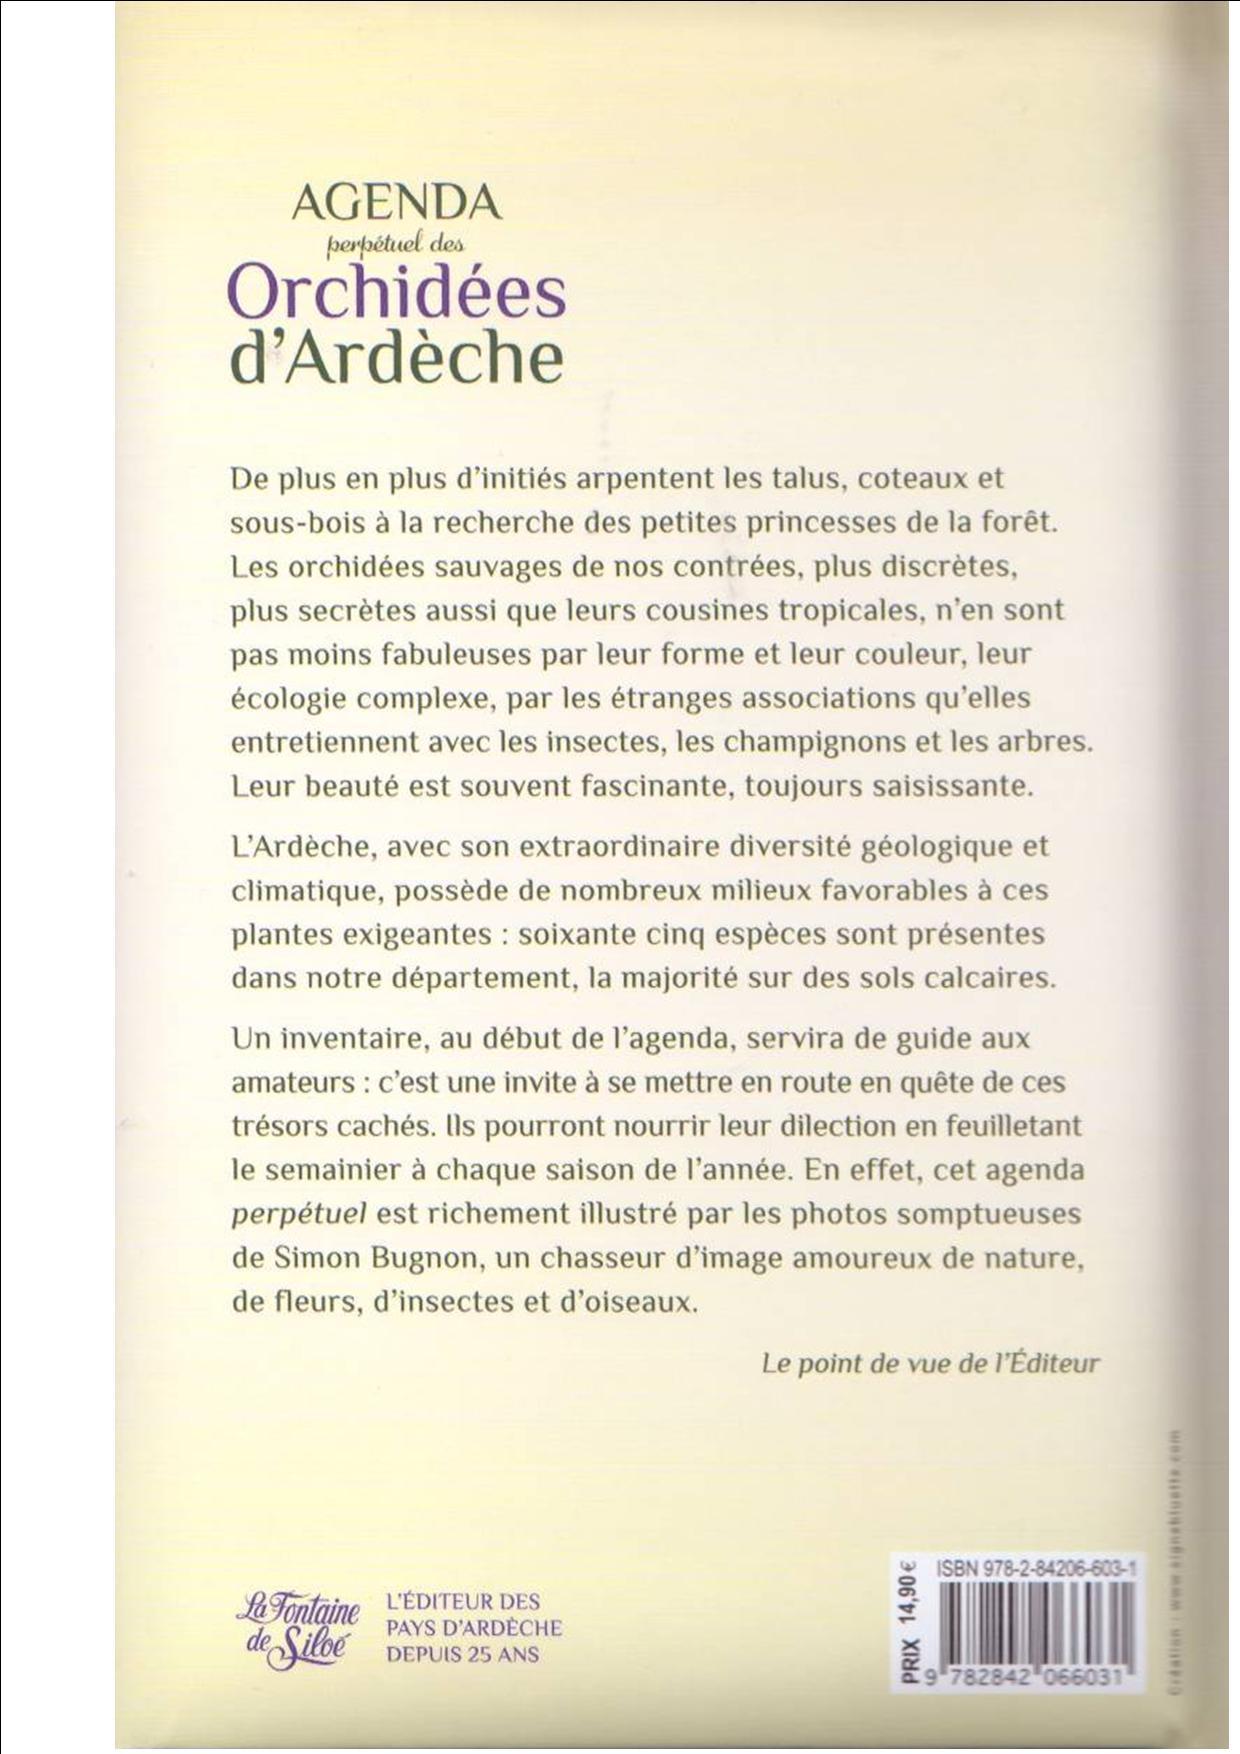 Bugnon orchi d